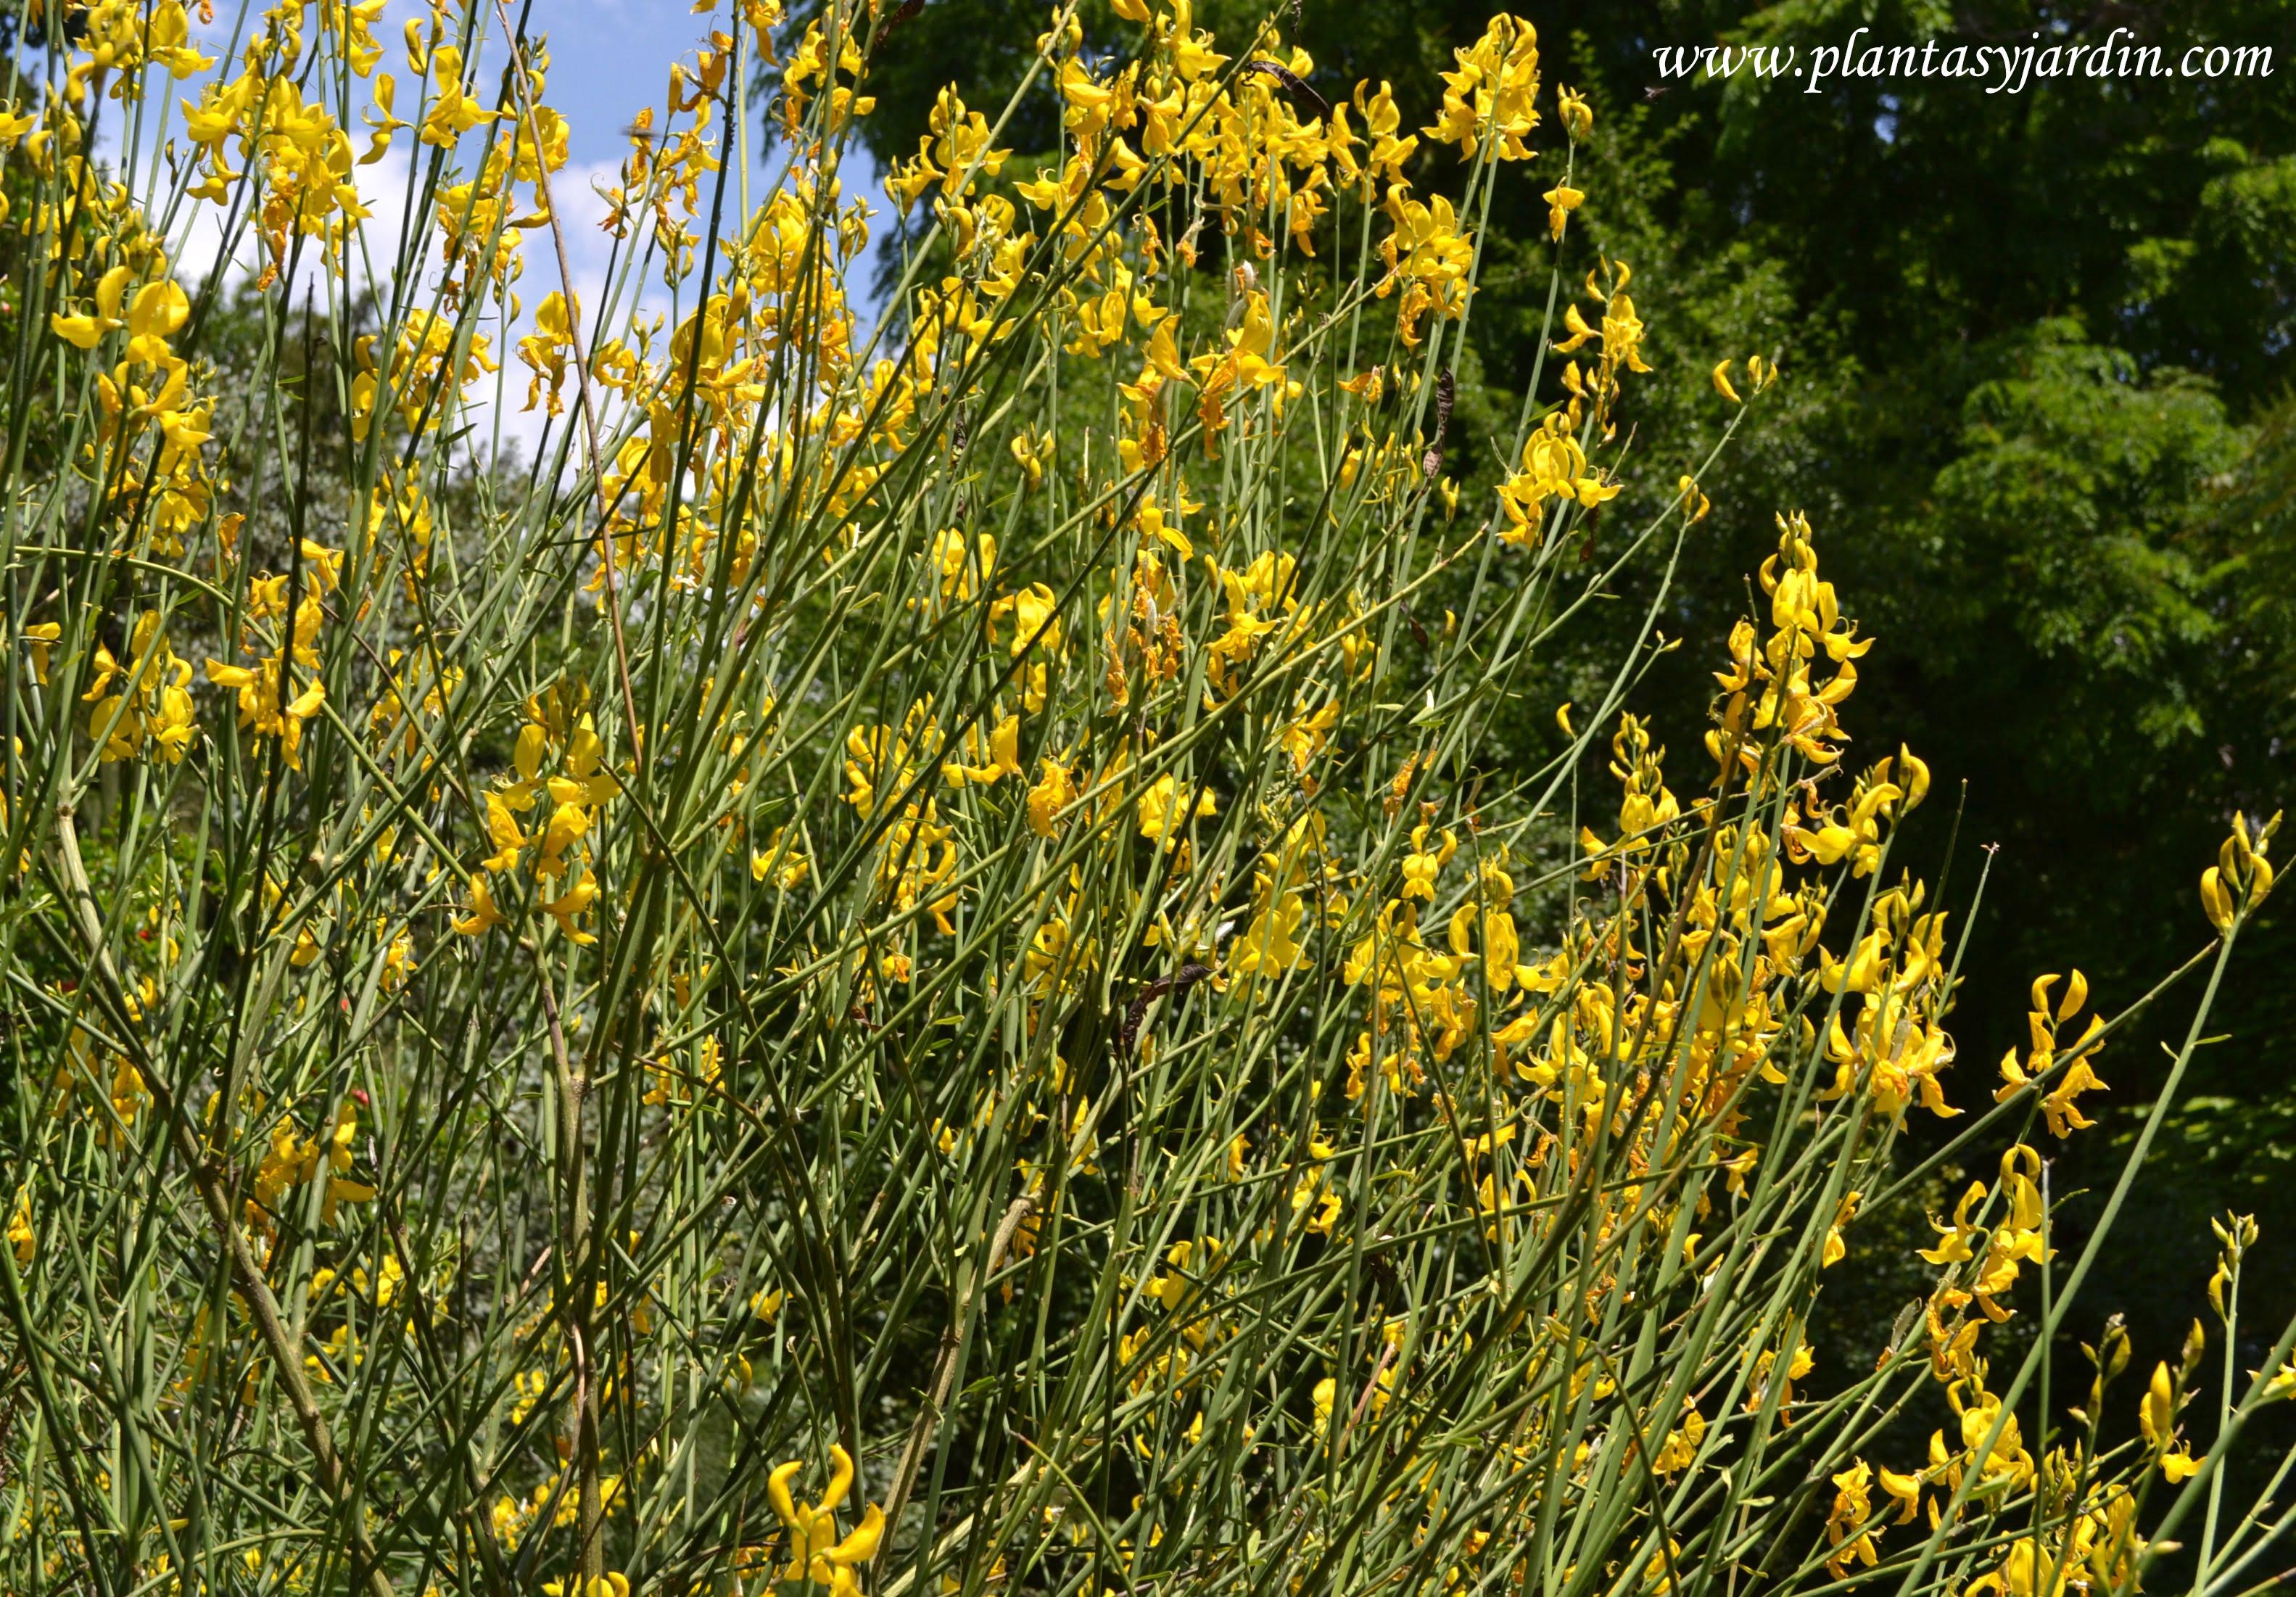 Spartium junceum, florecido en primavera.